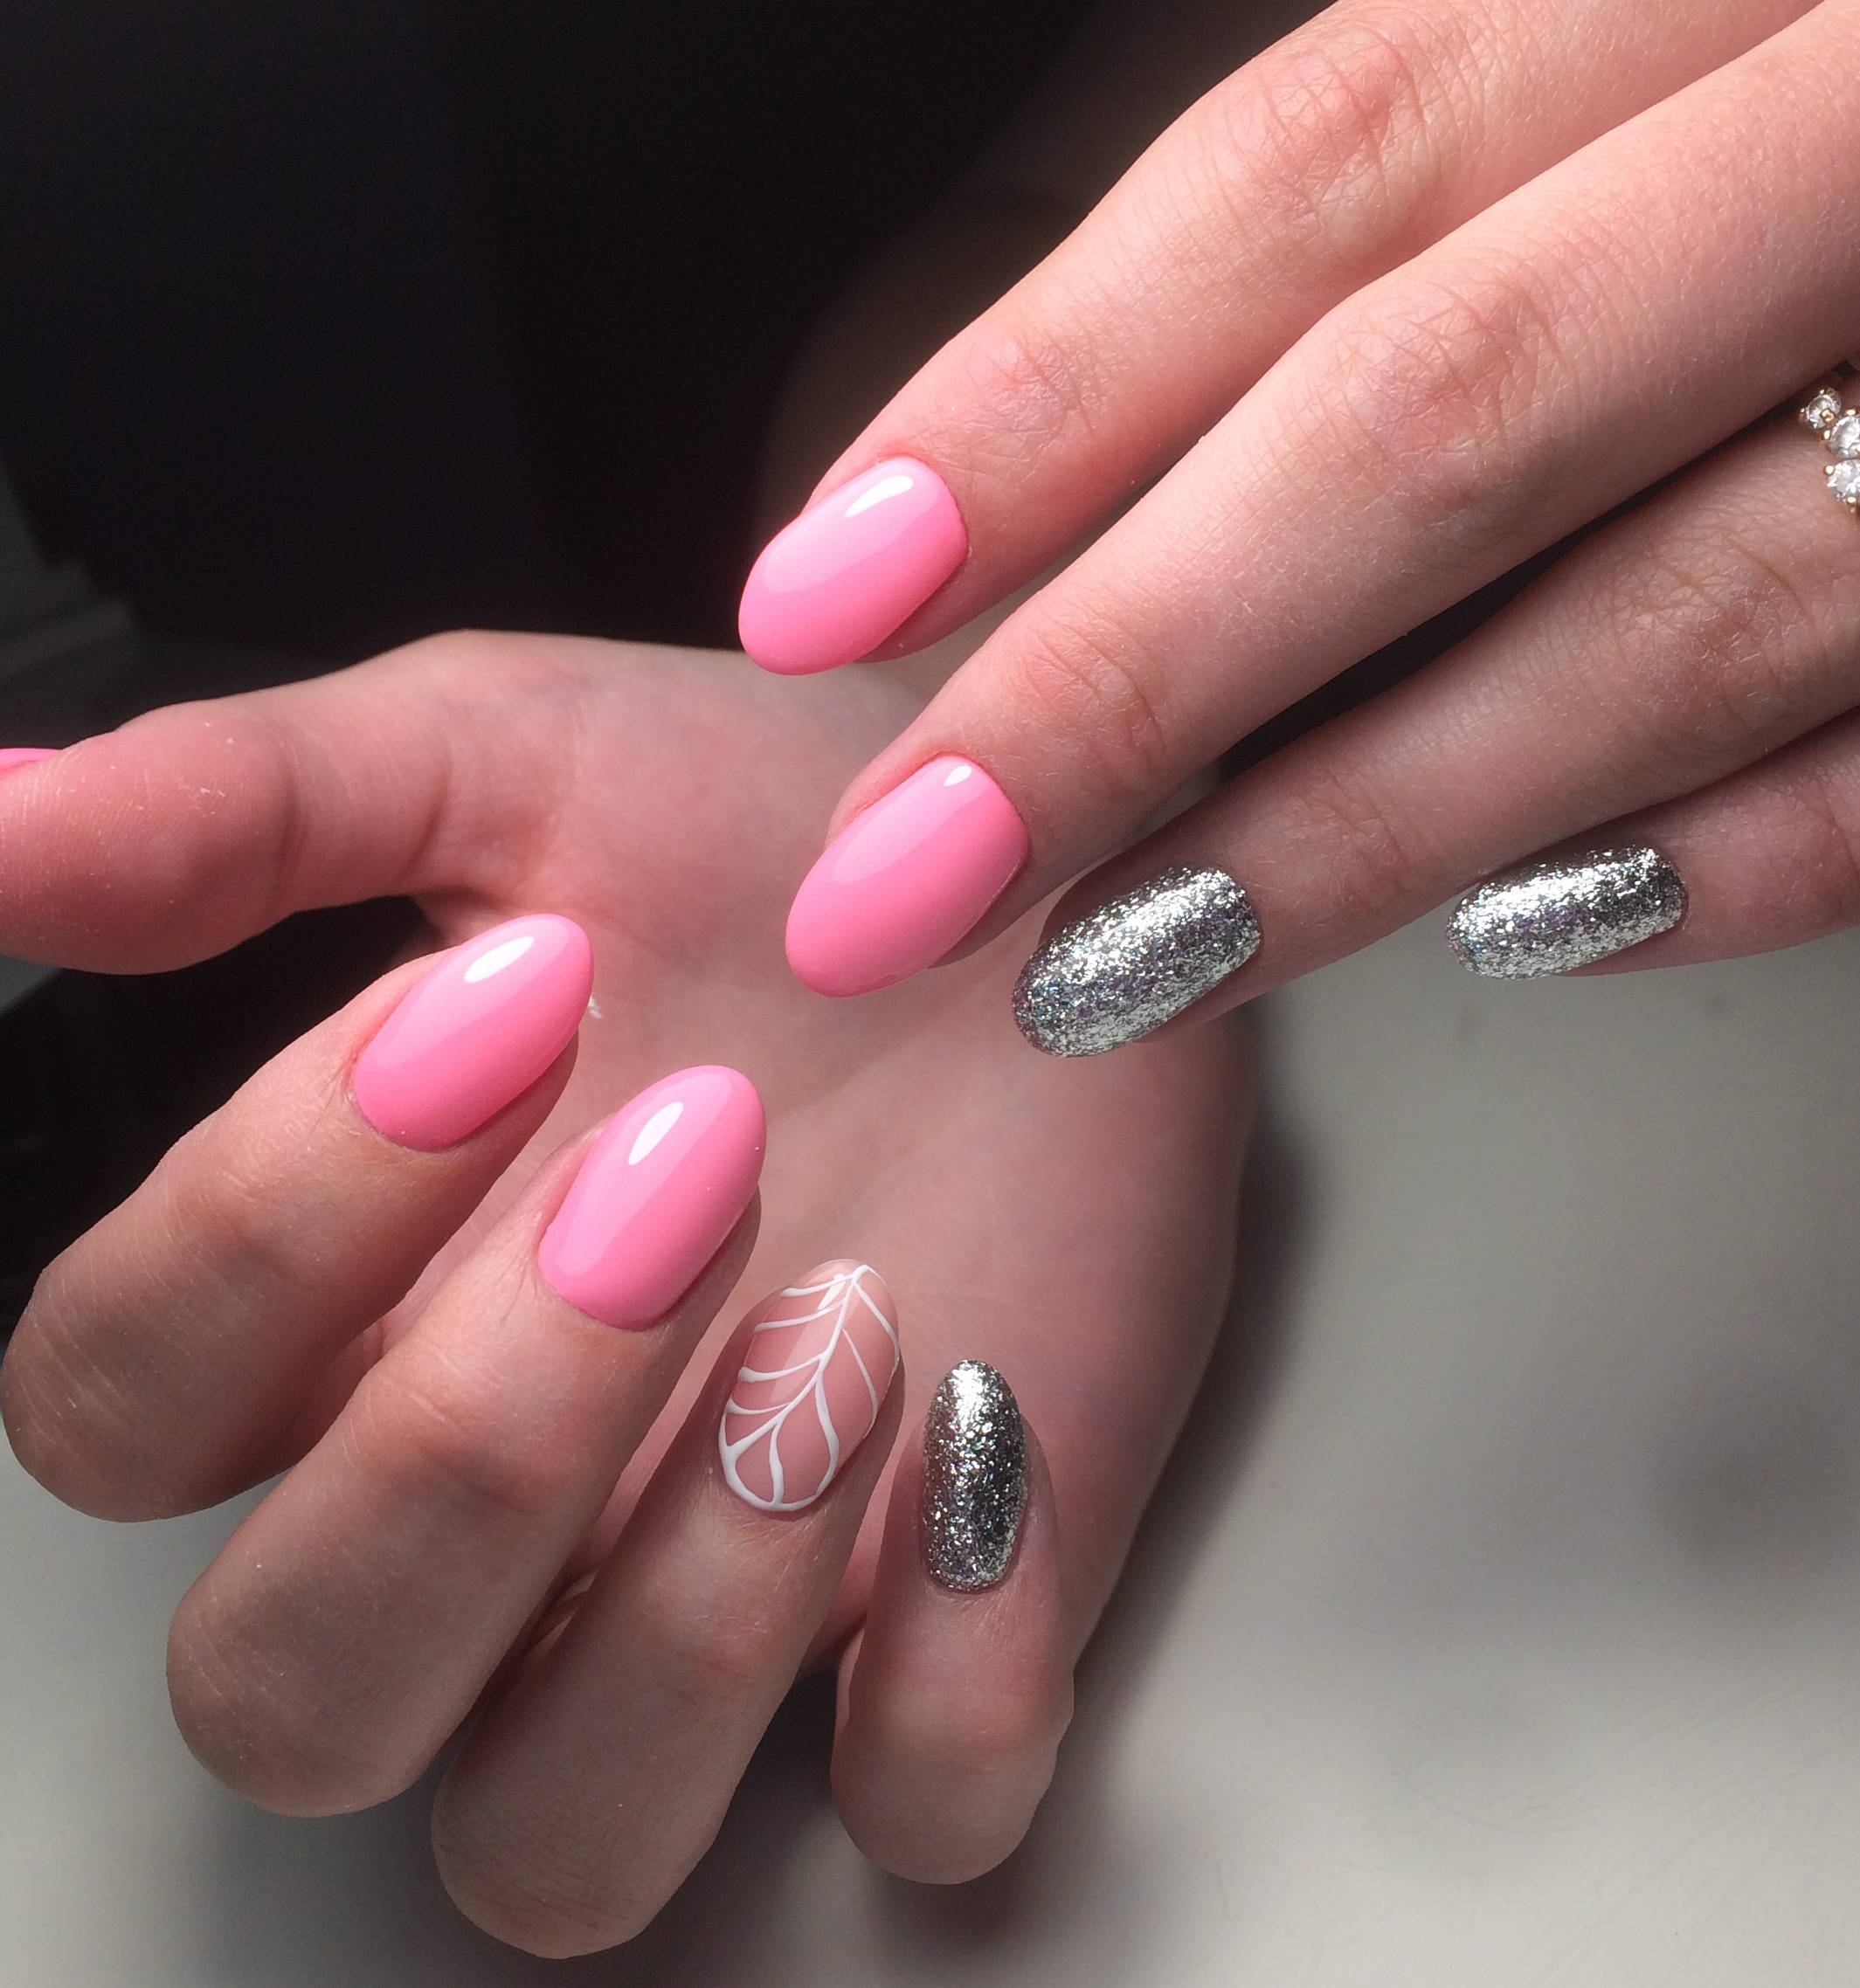 розовый с серебром маникюр фото